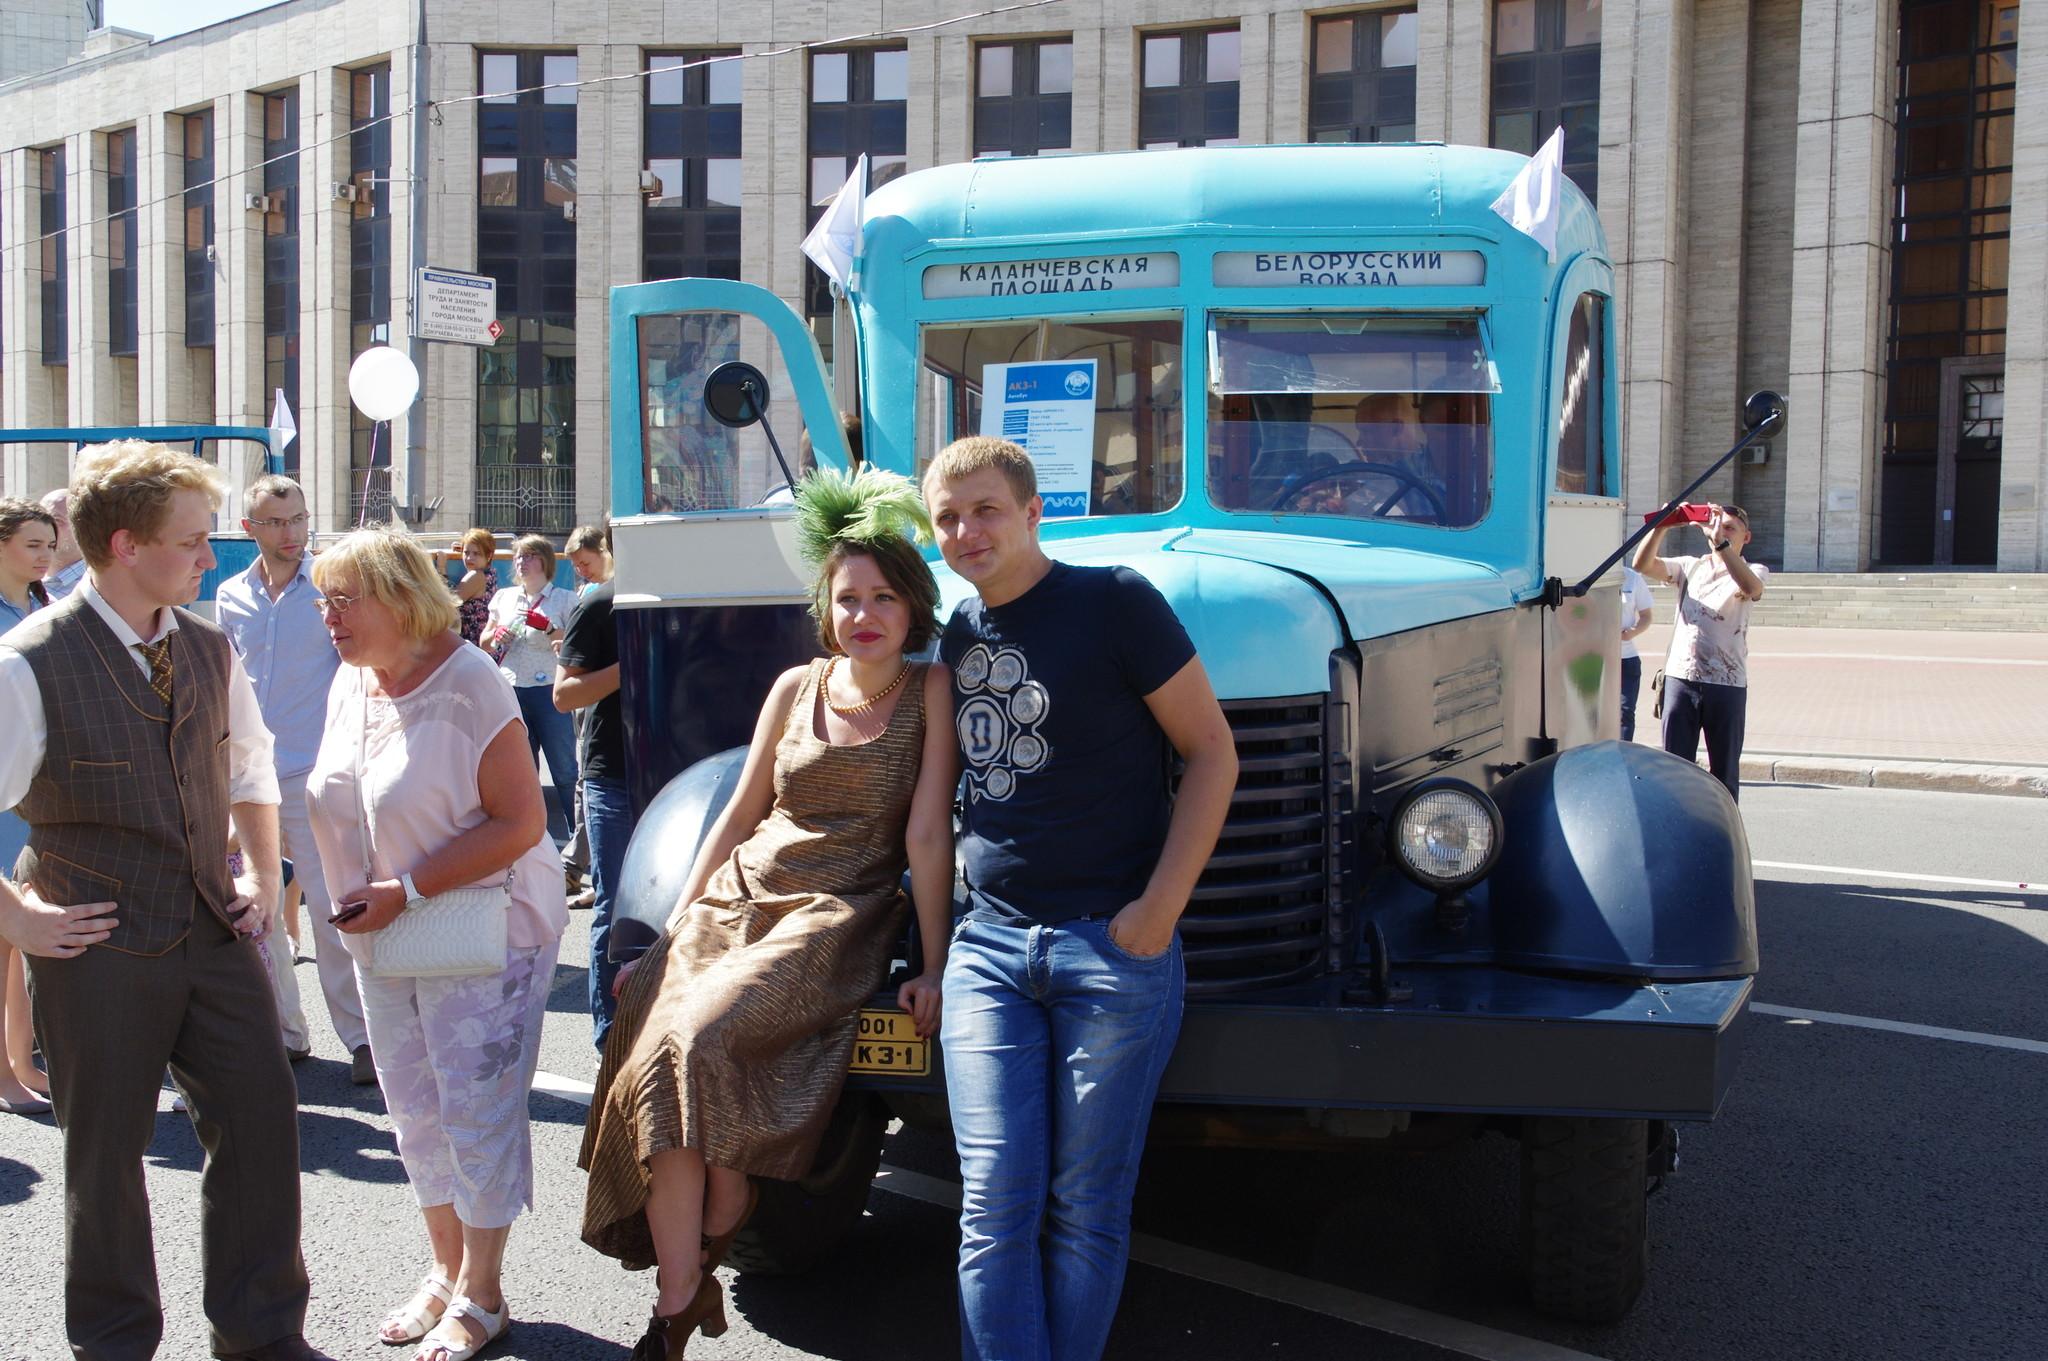 Автобус АКЗ-1 на проспекте Академика Сахарова